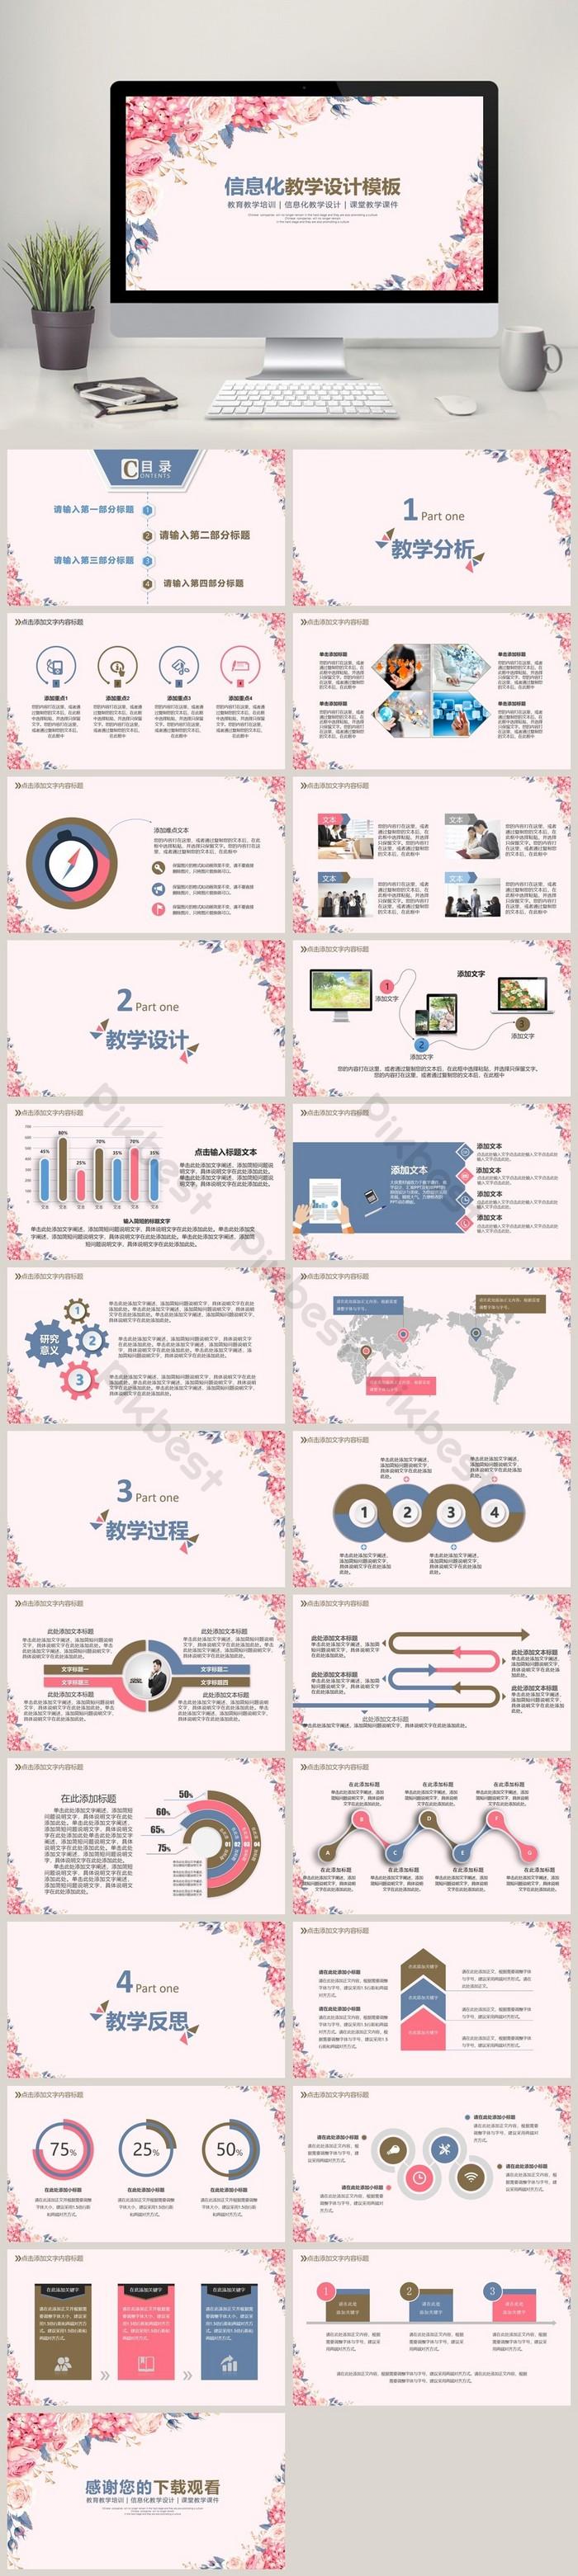 淡雅清新學校教學課件通用PPT範本  PPTX PowerPoint素材免費下載 - Pikbest